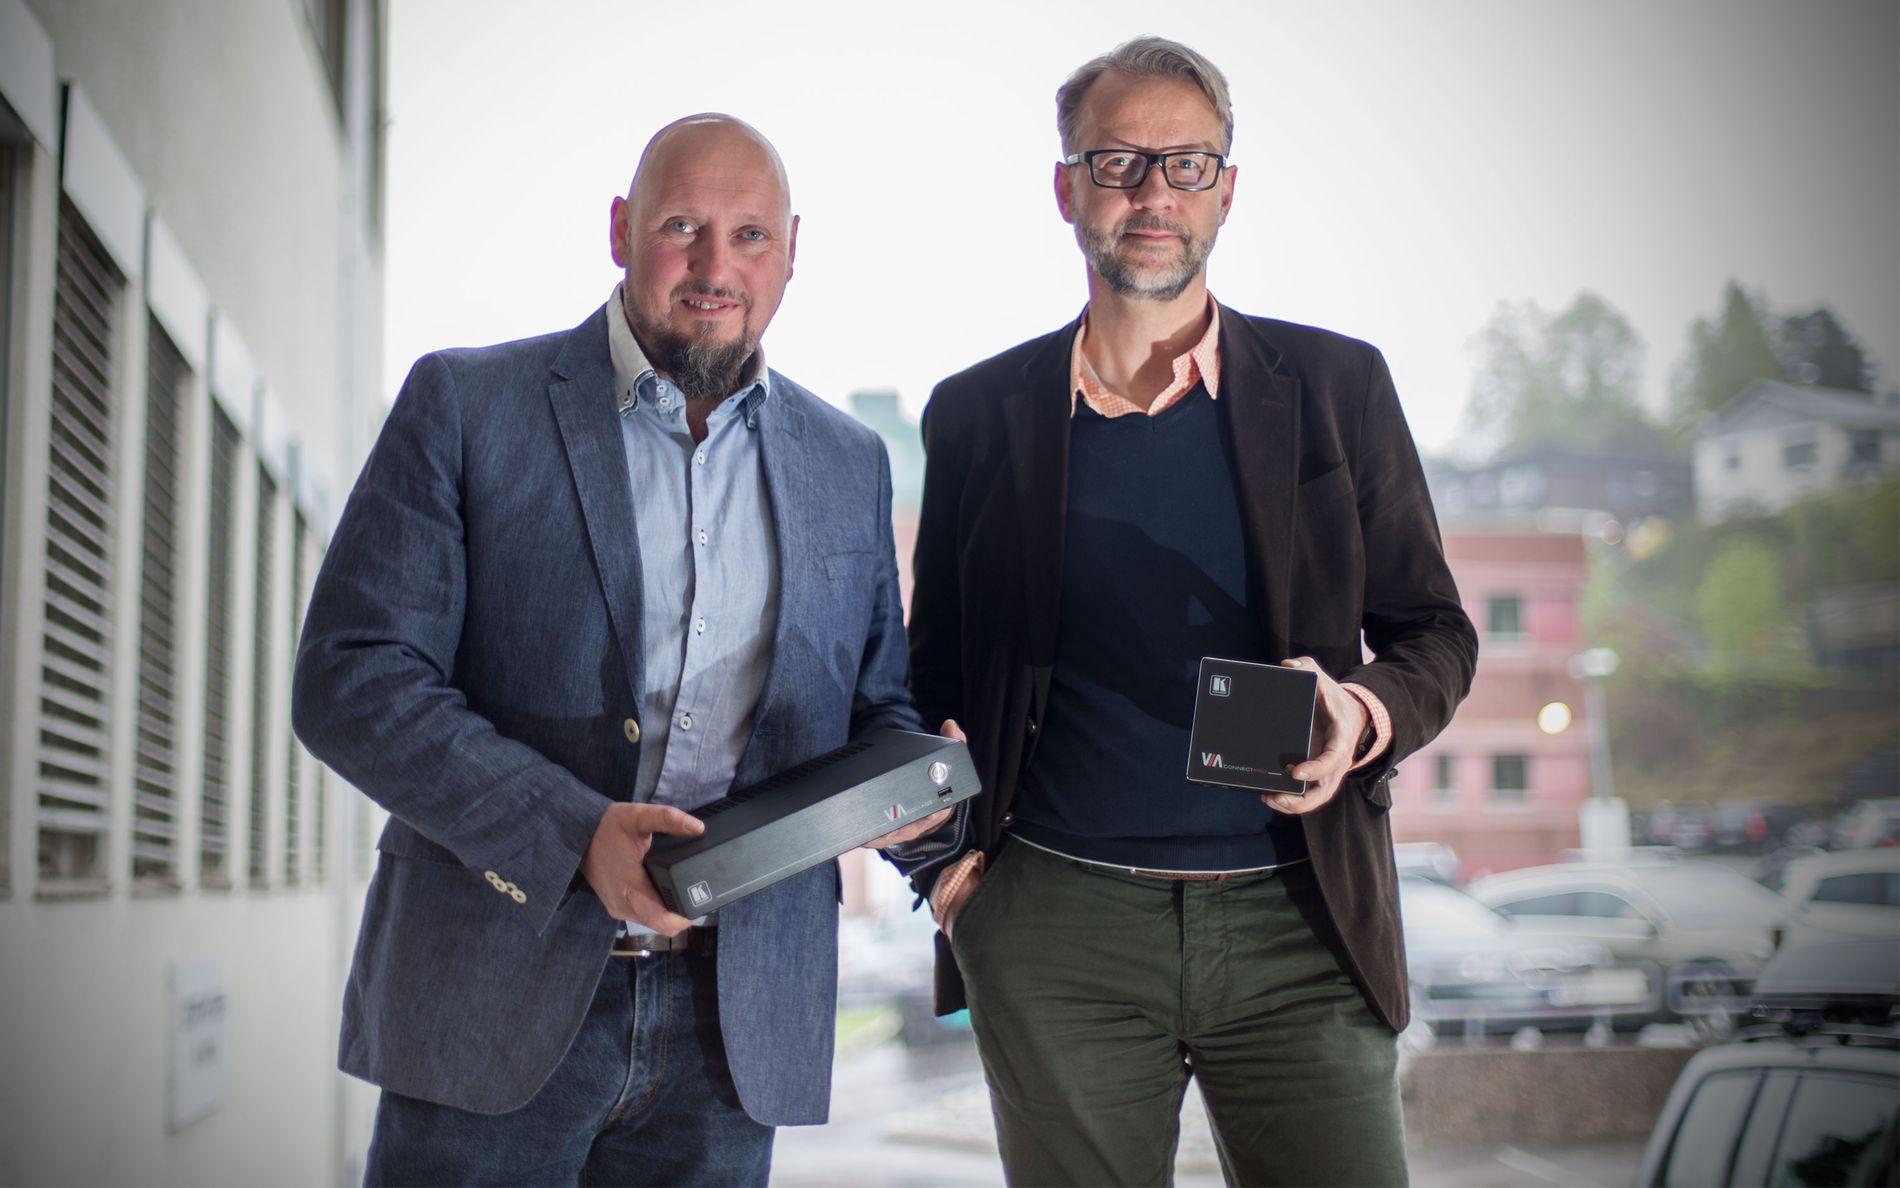 LANG ERFARING: I 30 år har Leteng levert lyd, video og annet IT-utstyr til norske forhandlere. Øyvind Jacobsen (t.v.) er selskapets markedsjef, og Odd Martinsen (t.h.) er daglig leder. Foto: Tek Story Labs